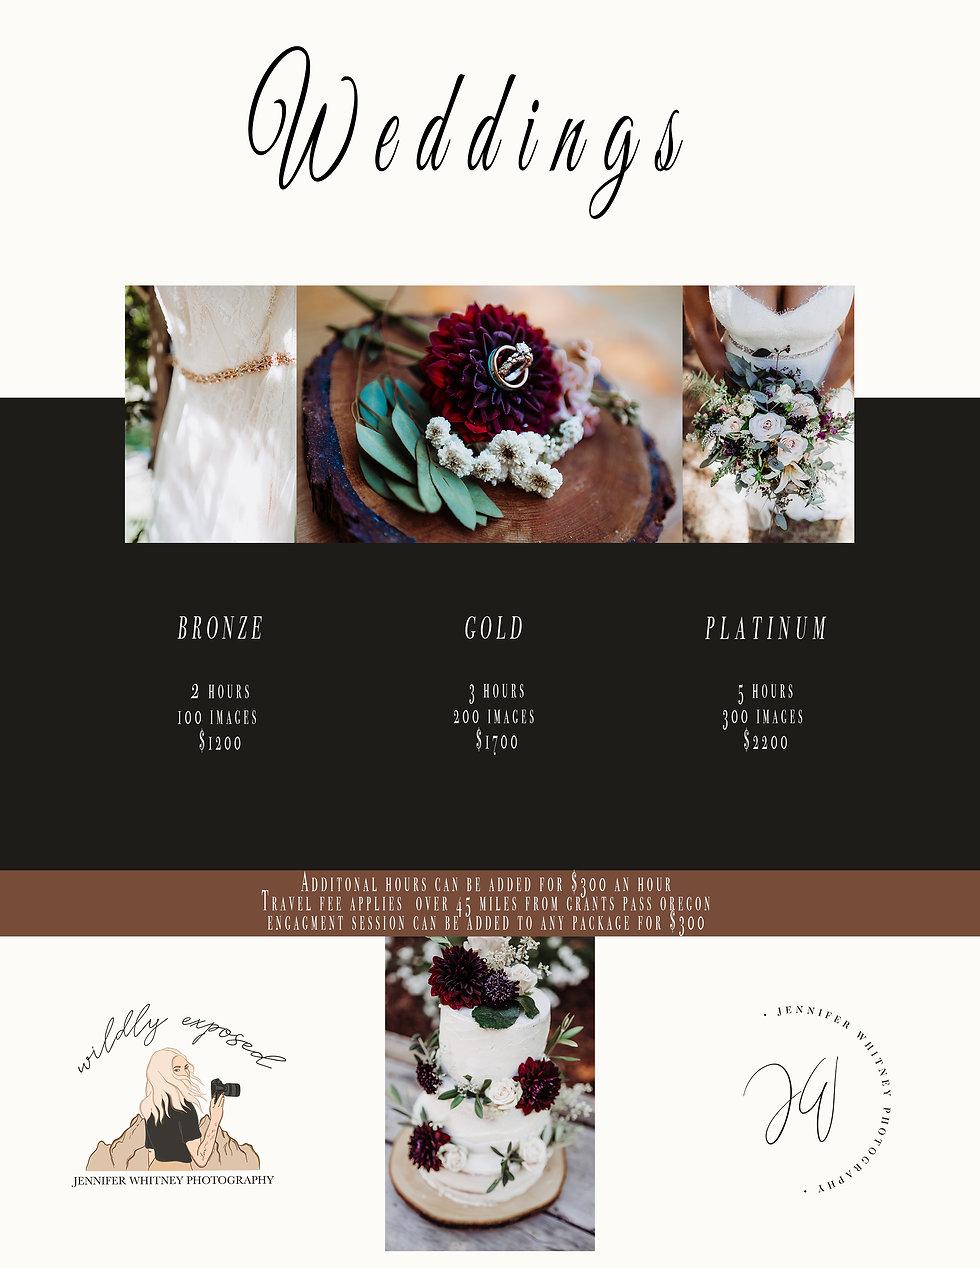 pricing guide weddings 2021.jpg